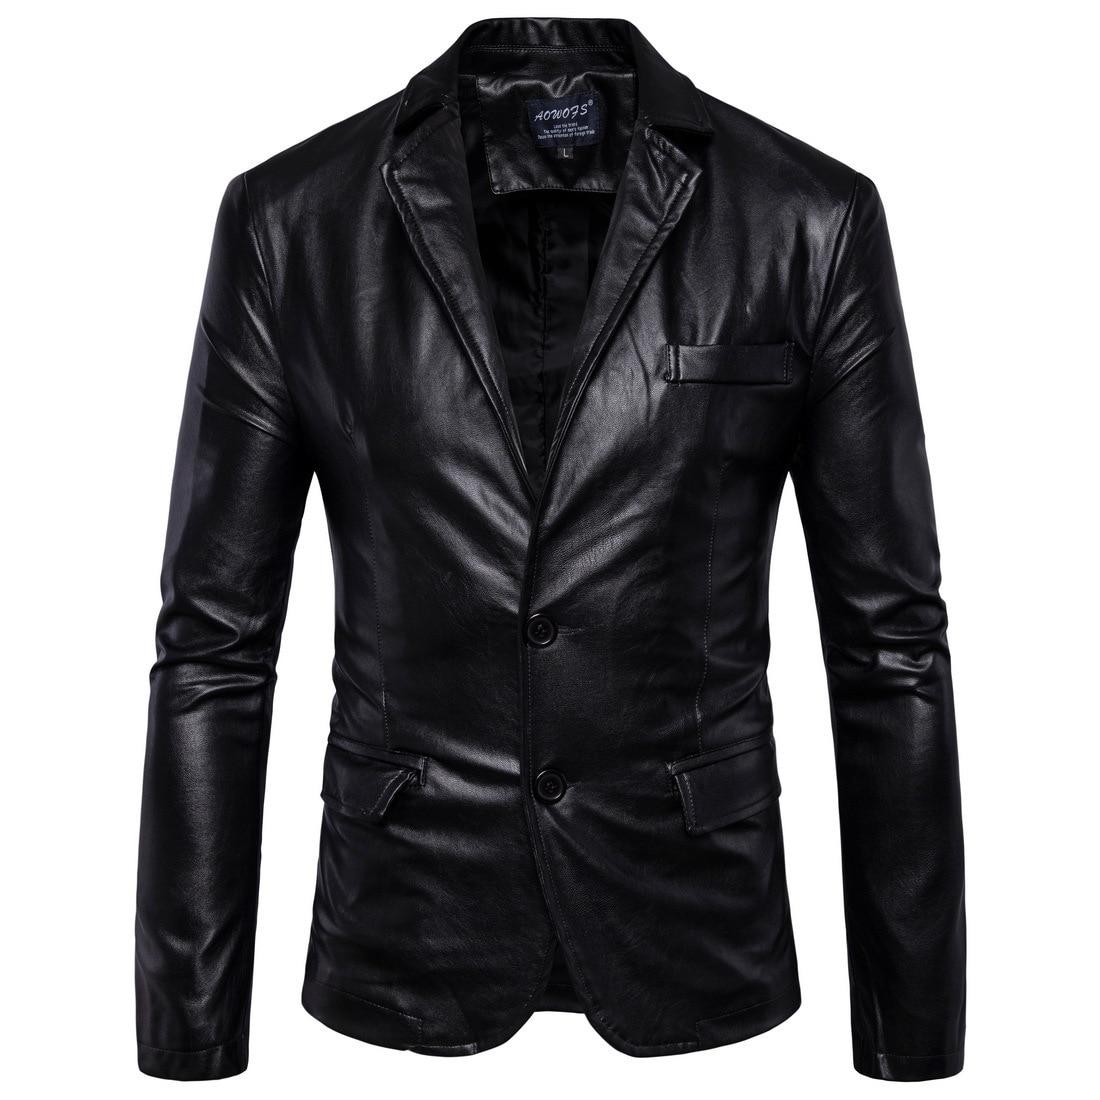 جديد رجل السترات الجلدية 2 زر الرسمي اللباس موضة الرجل الحلل الأسود البني الصلبة دراجة نارية معطف الجلد المدبوغ سترة الذكور